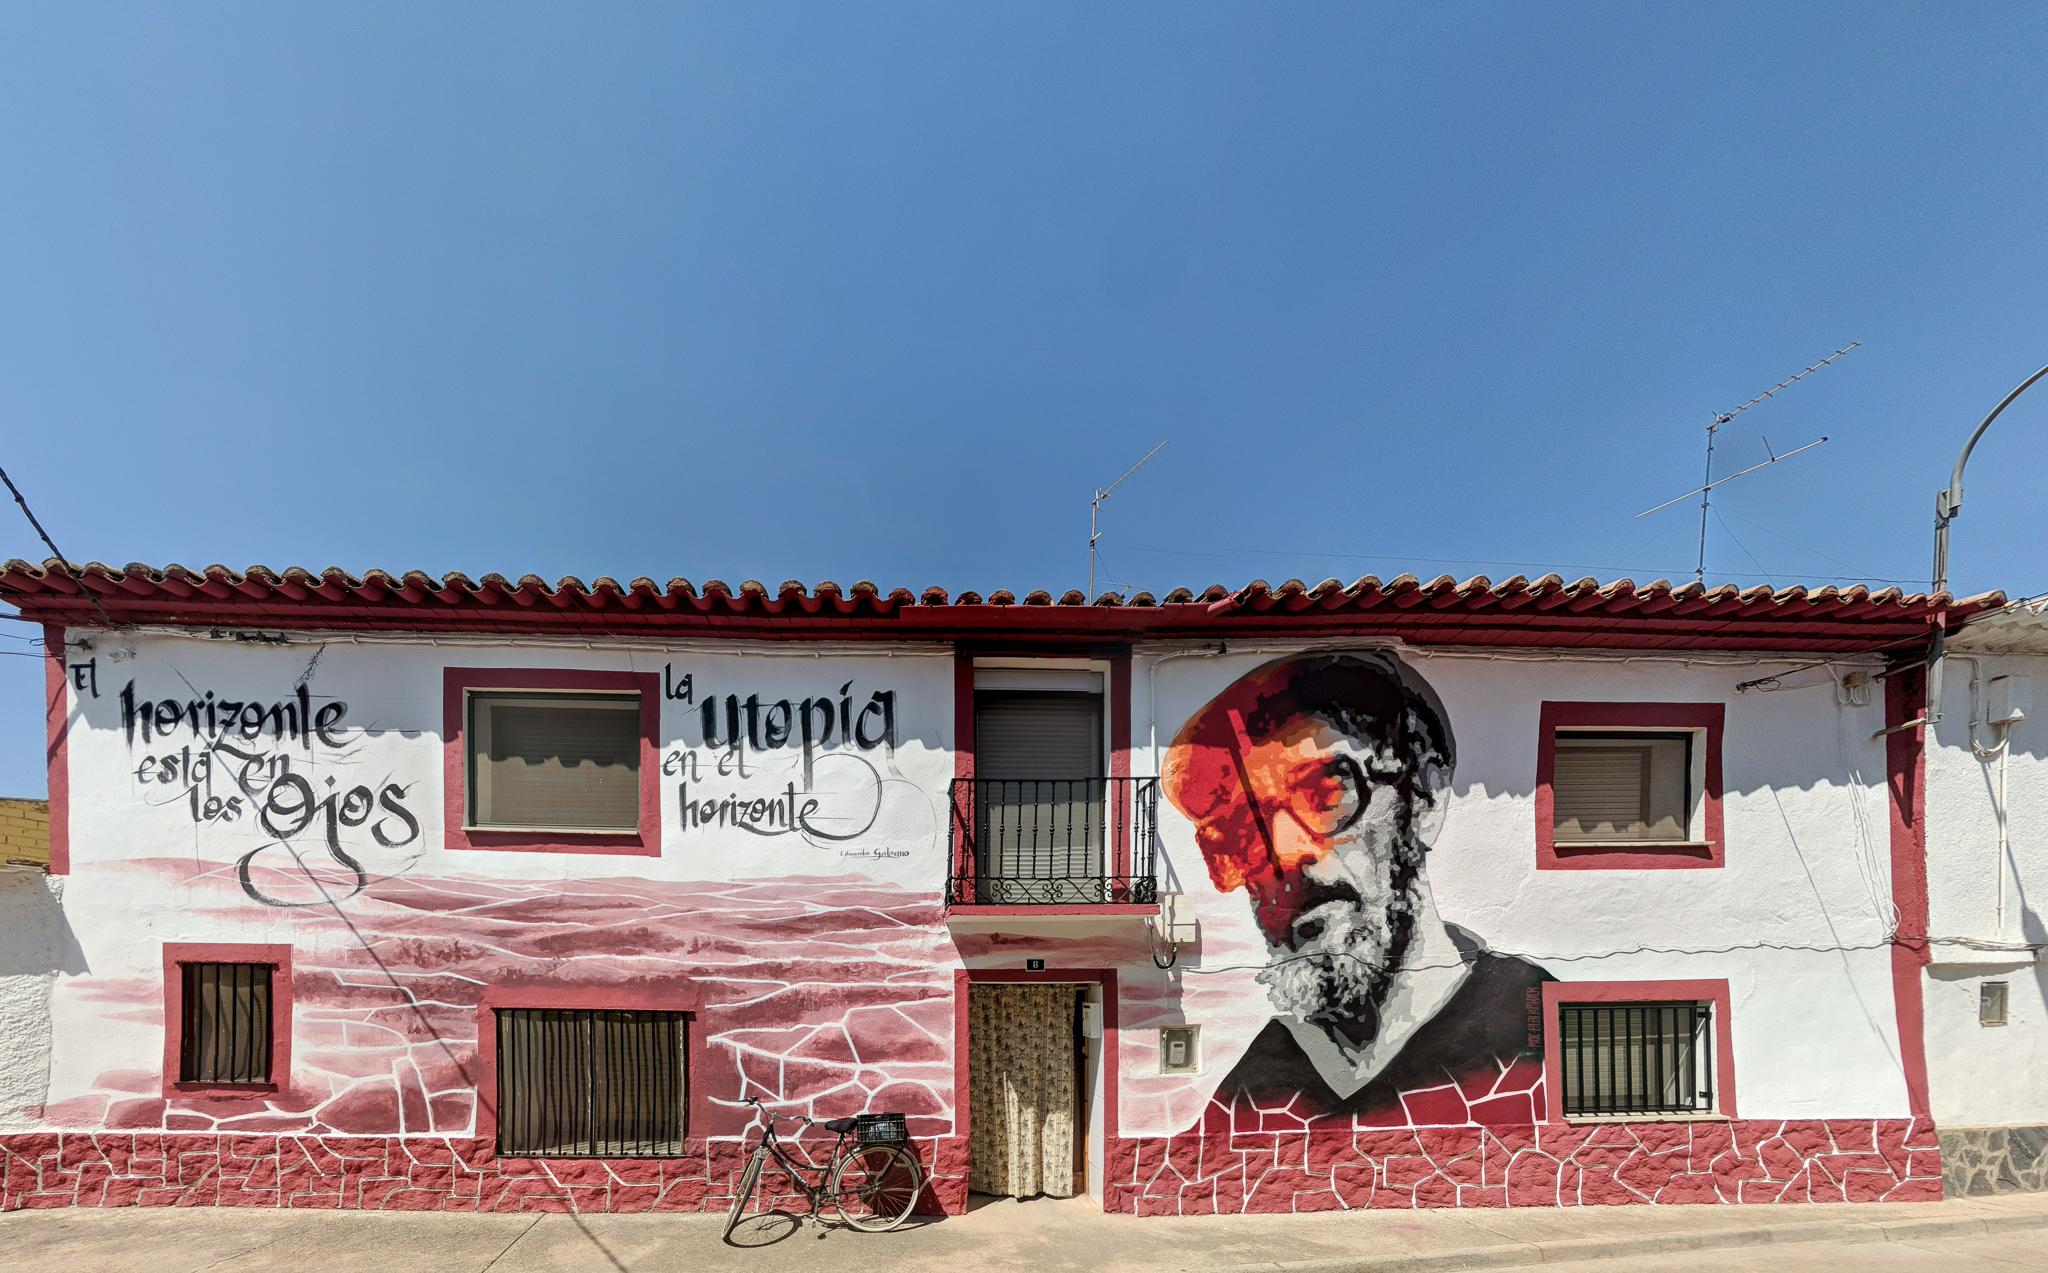 Excursiones creativas cerca de Zaragoza | arte urbano en Alfamen Festival Asalto